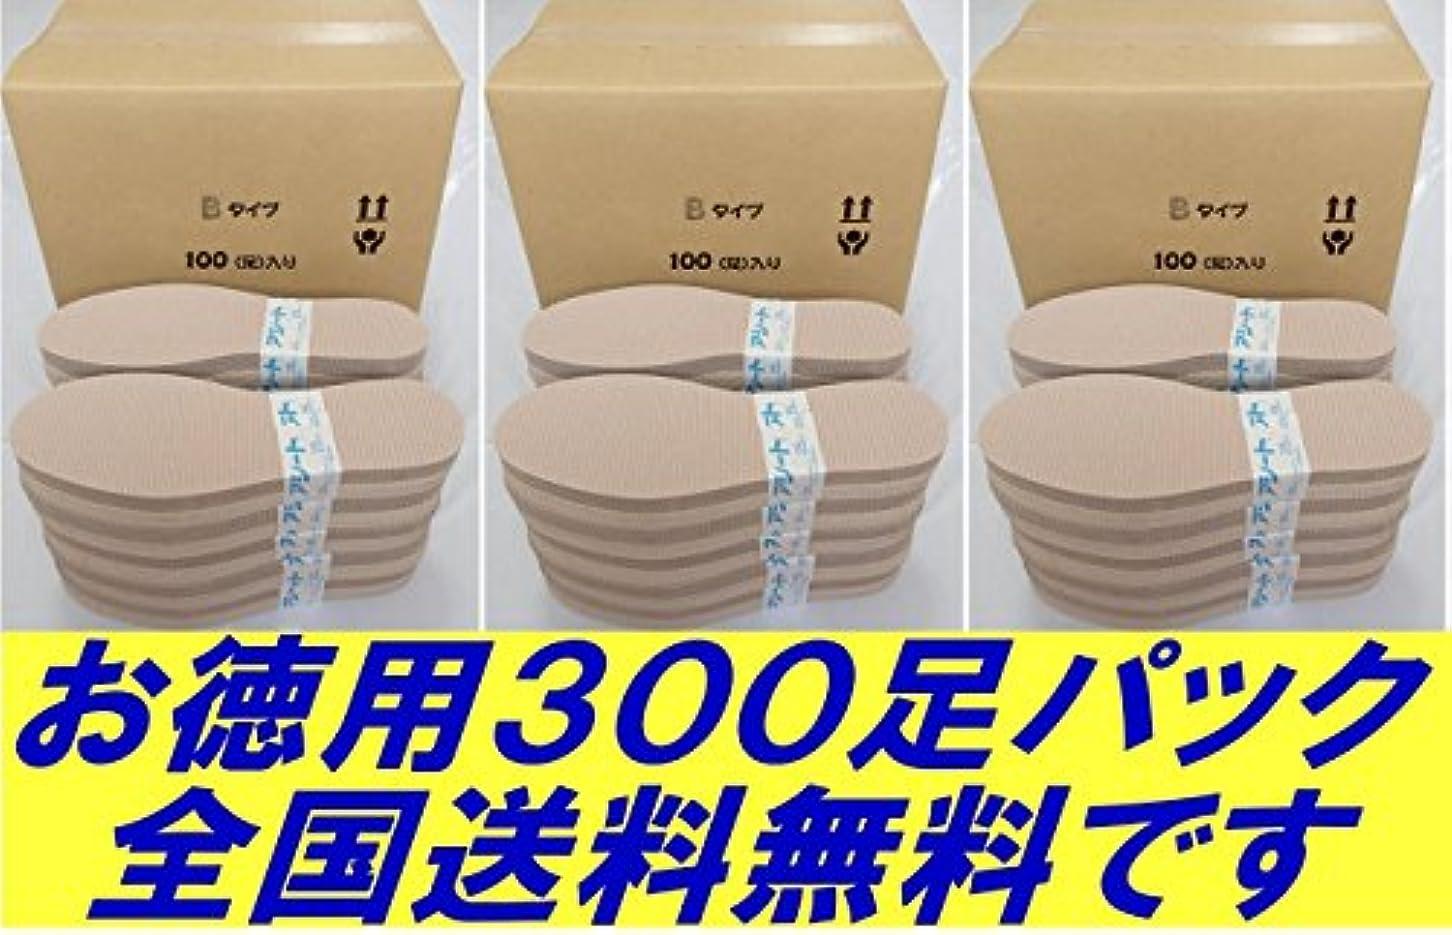 提出する保持横アシートBタイプお徳用パック300足入り (27.5~28.0cm)